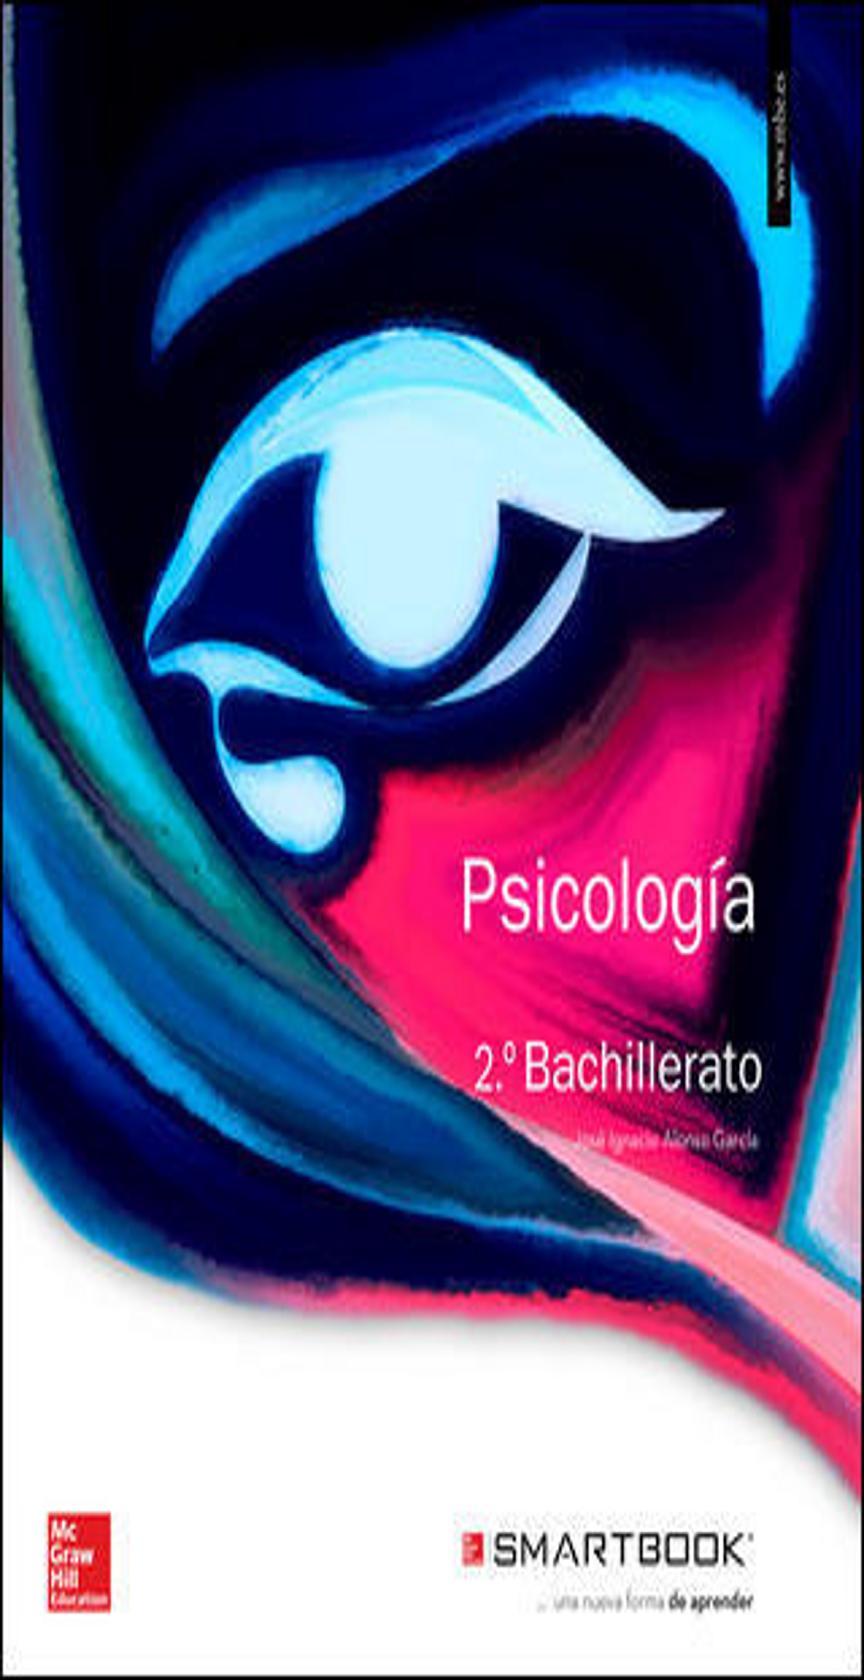 PSICOLOGIA 2 Bach - Libro